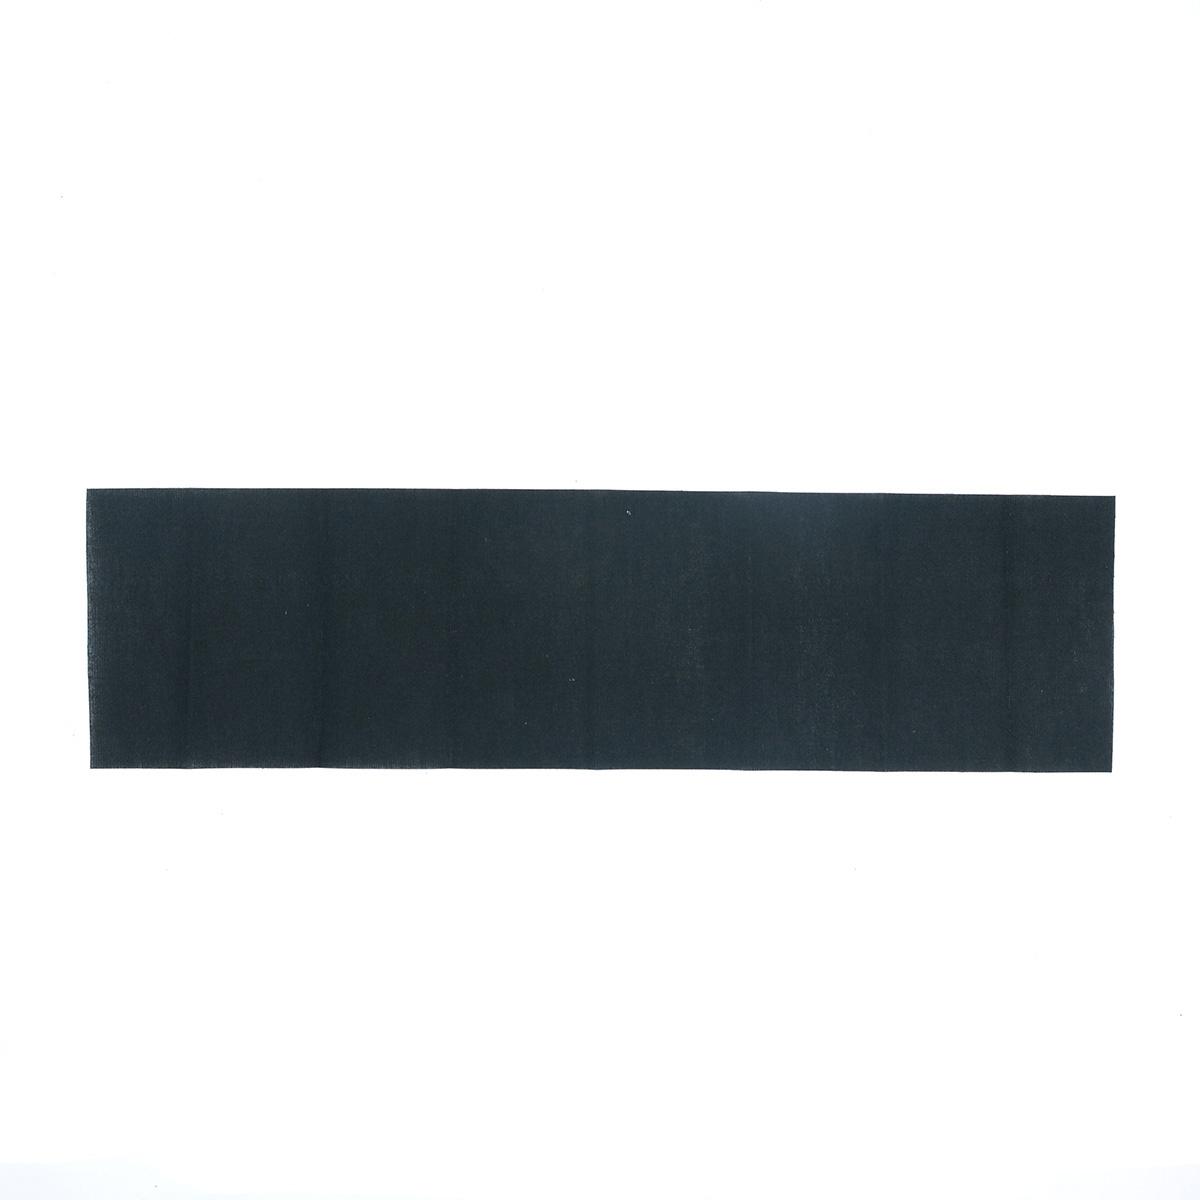 929400 Заплатка, хлопок, термоклеевая 30*10 см черный цв. Prym